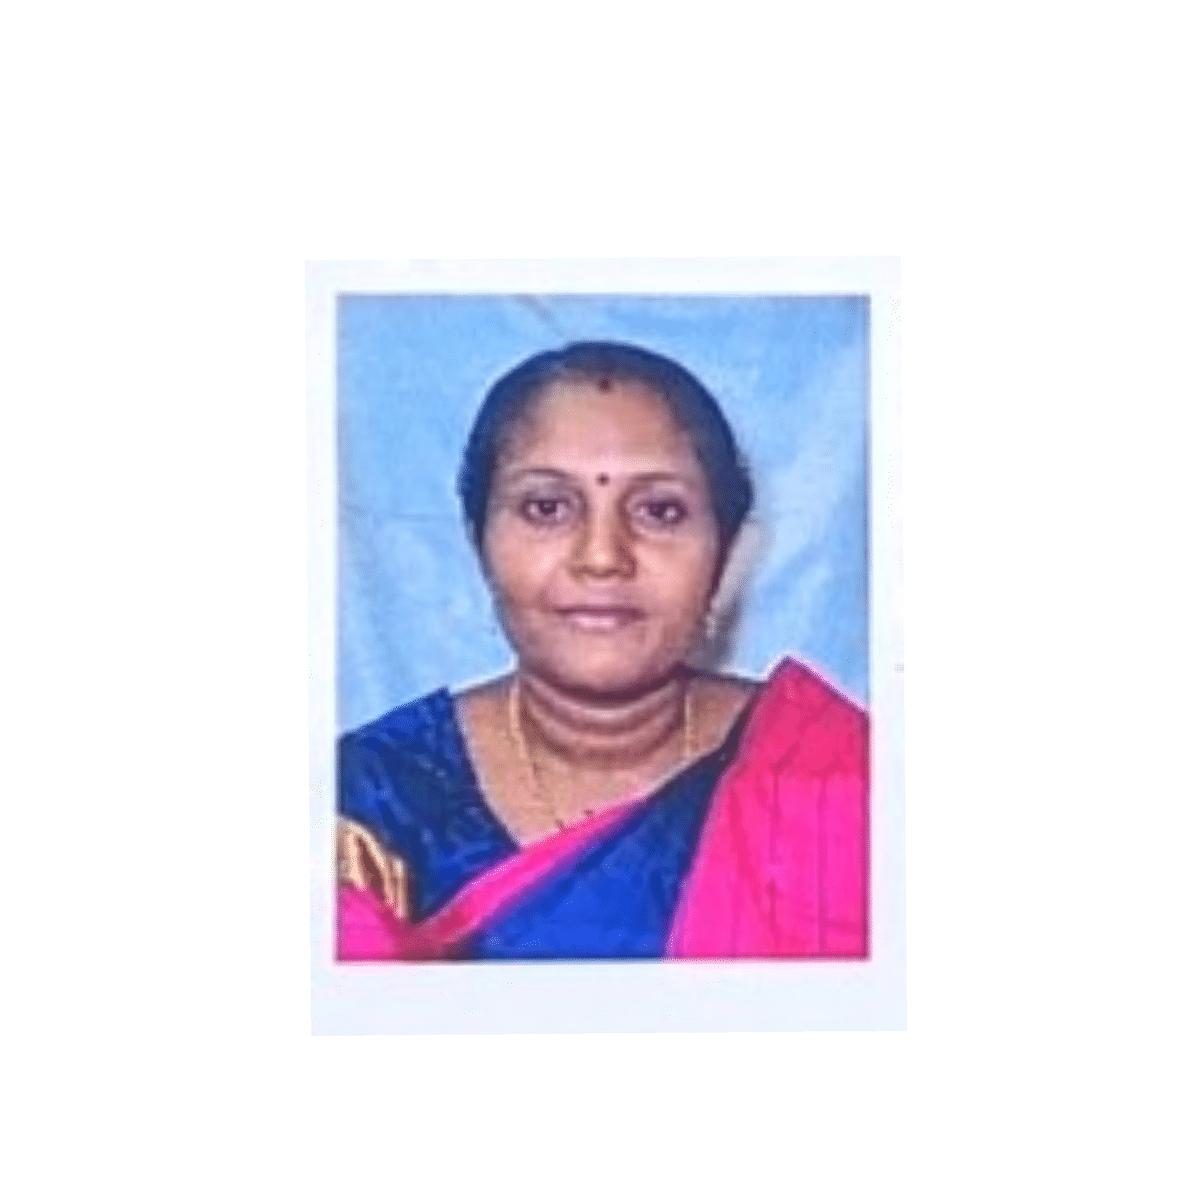 கொலை செய்யப்பட்ட ஆசிரியை சிவபாலா.